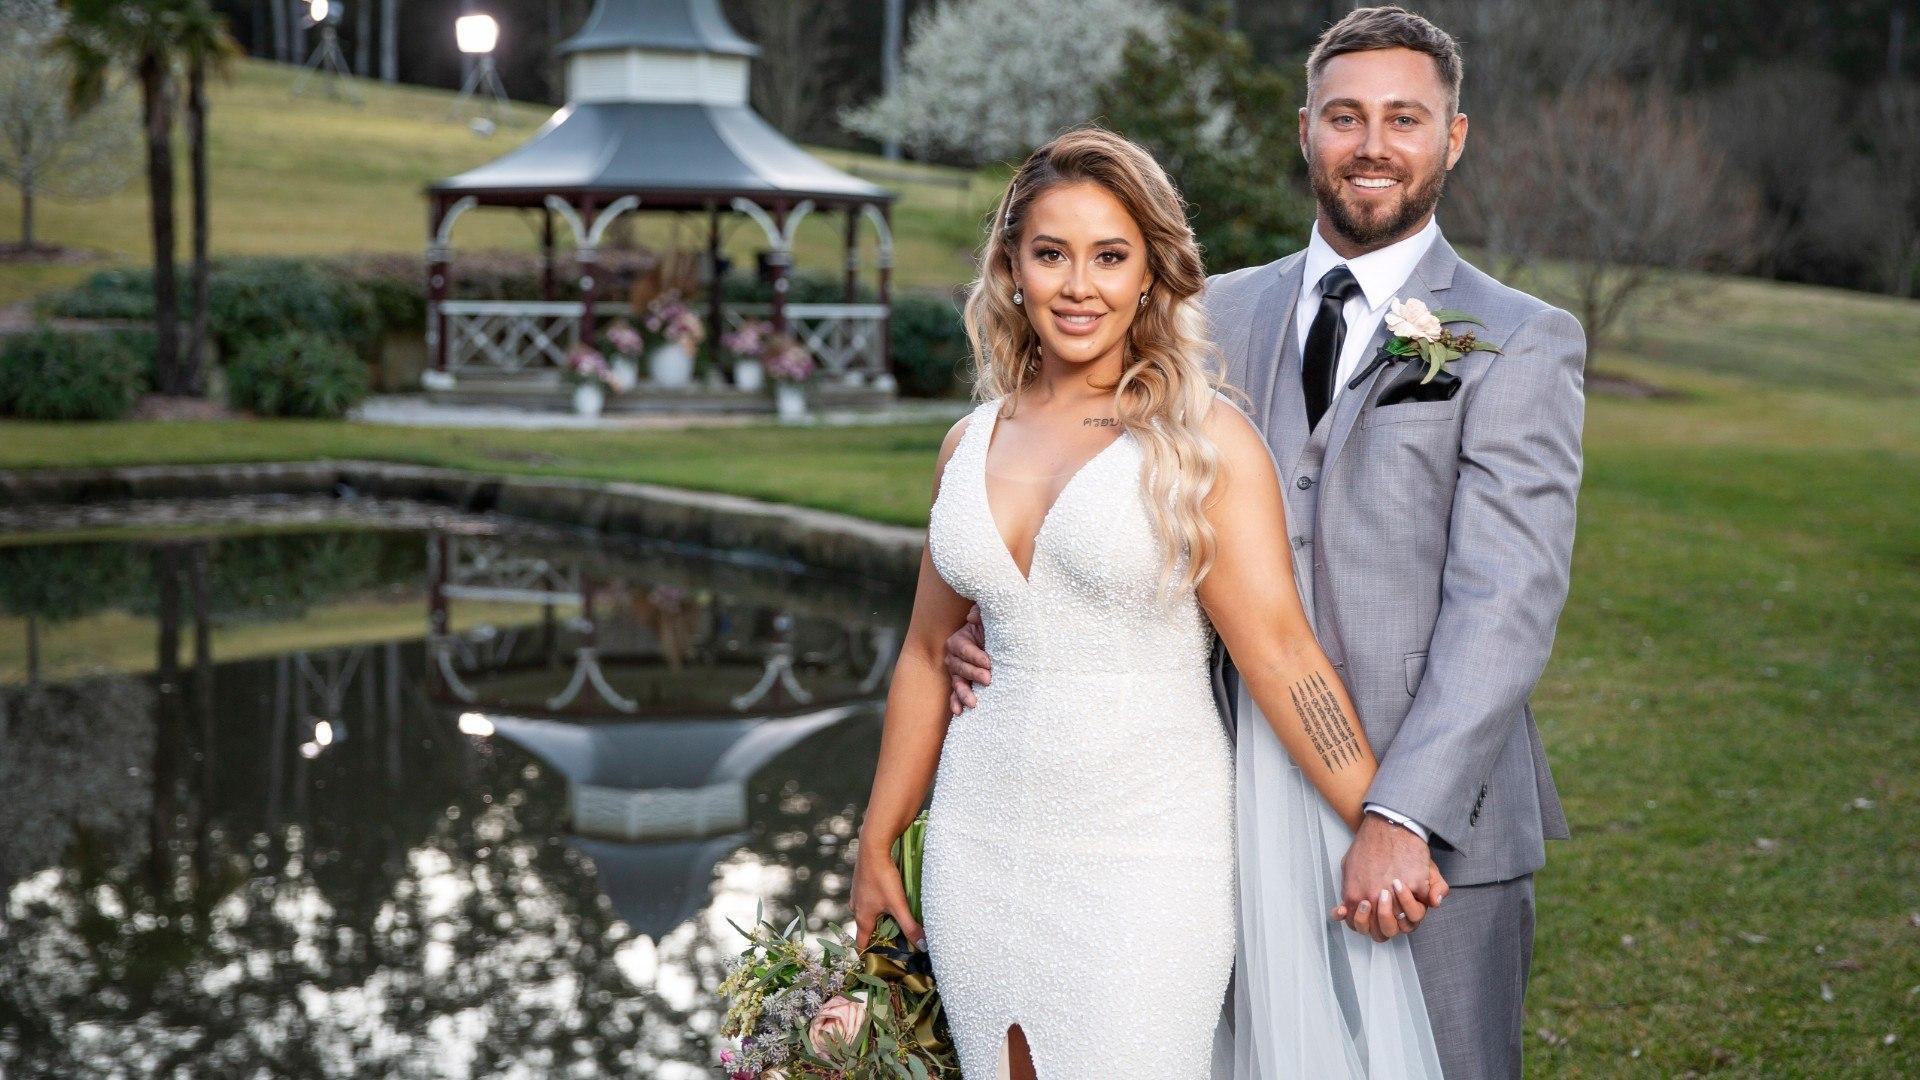 Sky Uno +1 HD Matrimonio a prima vista Australia